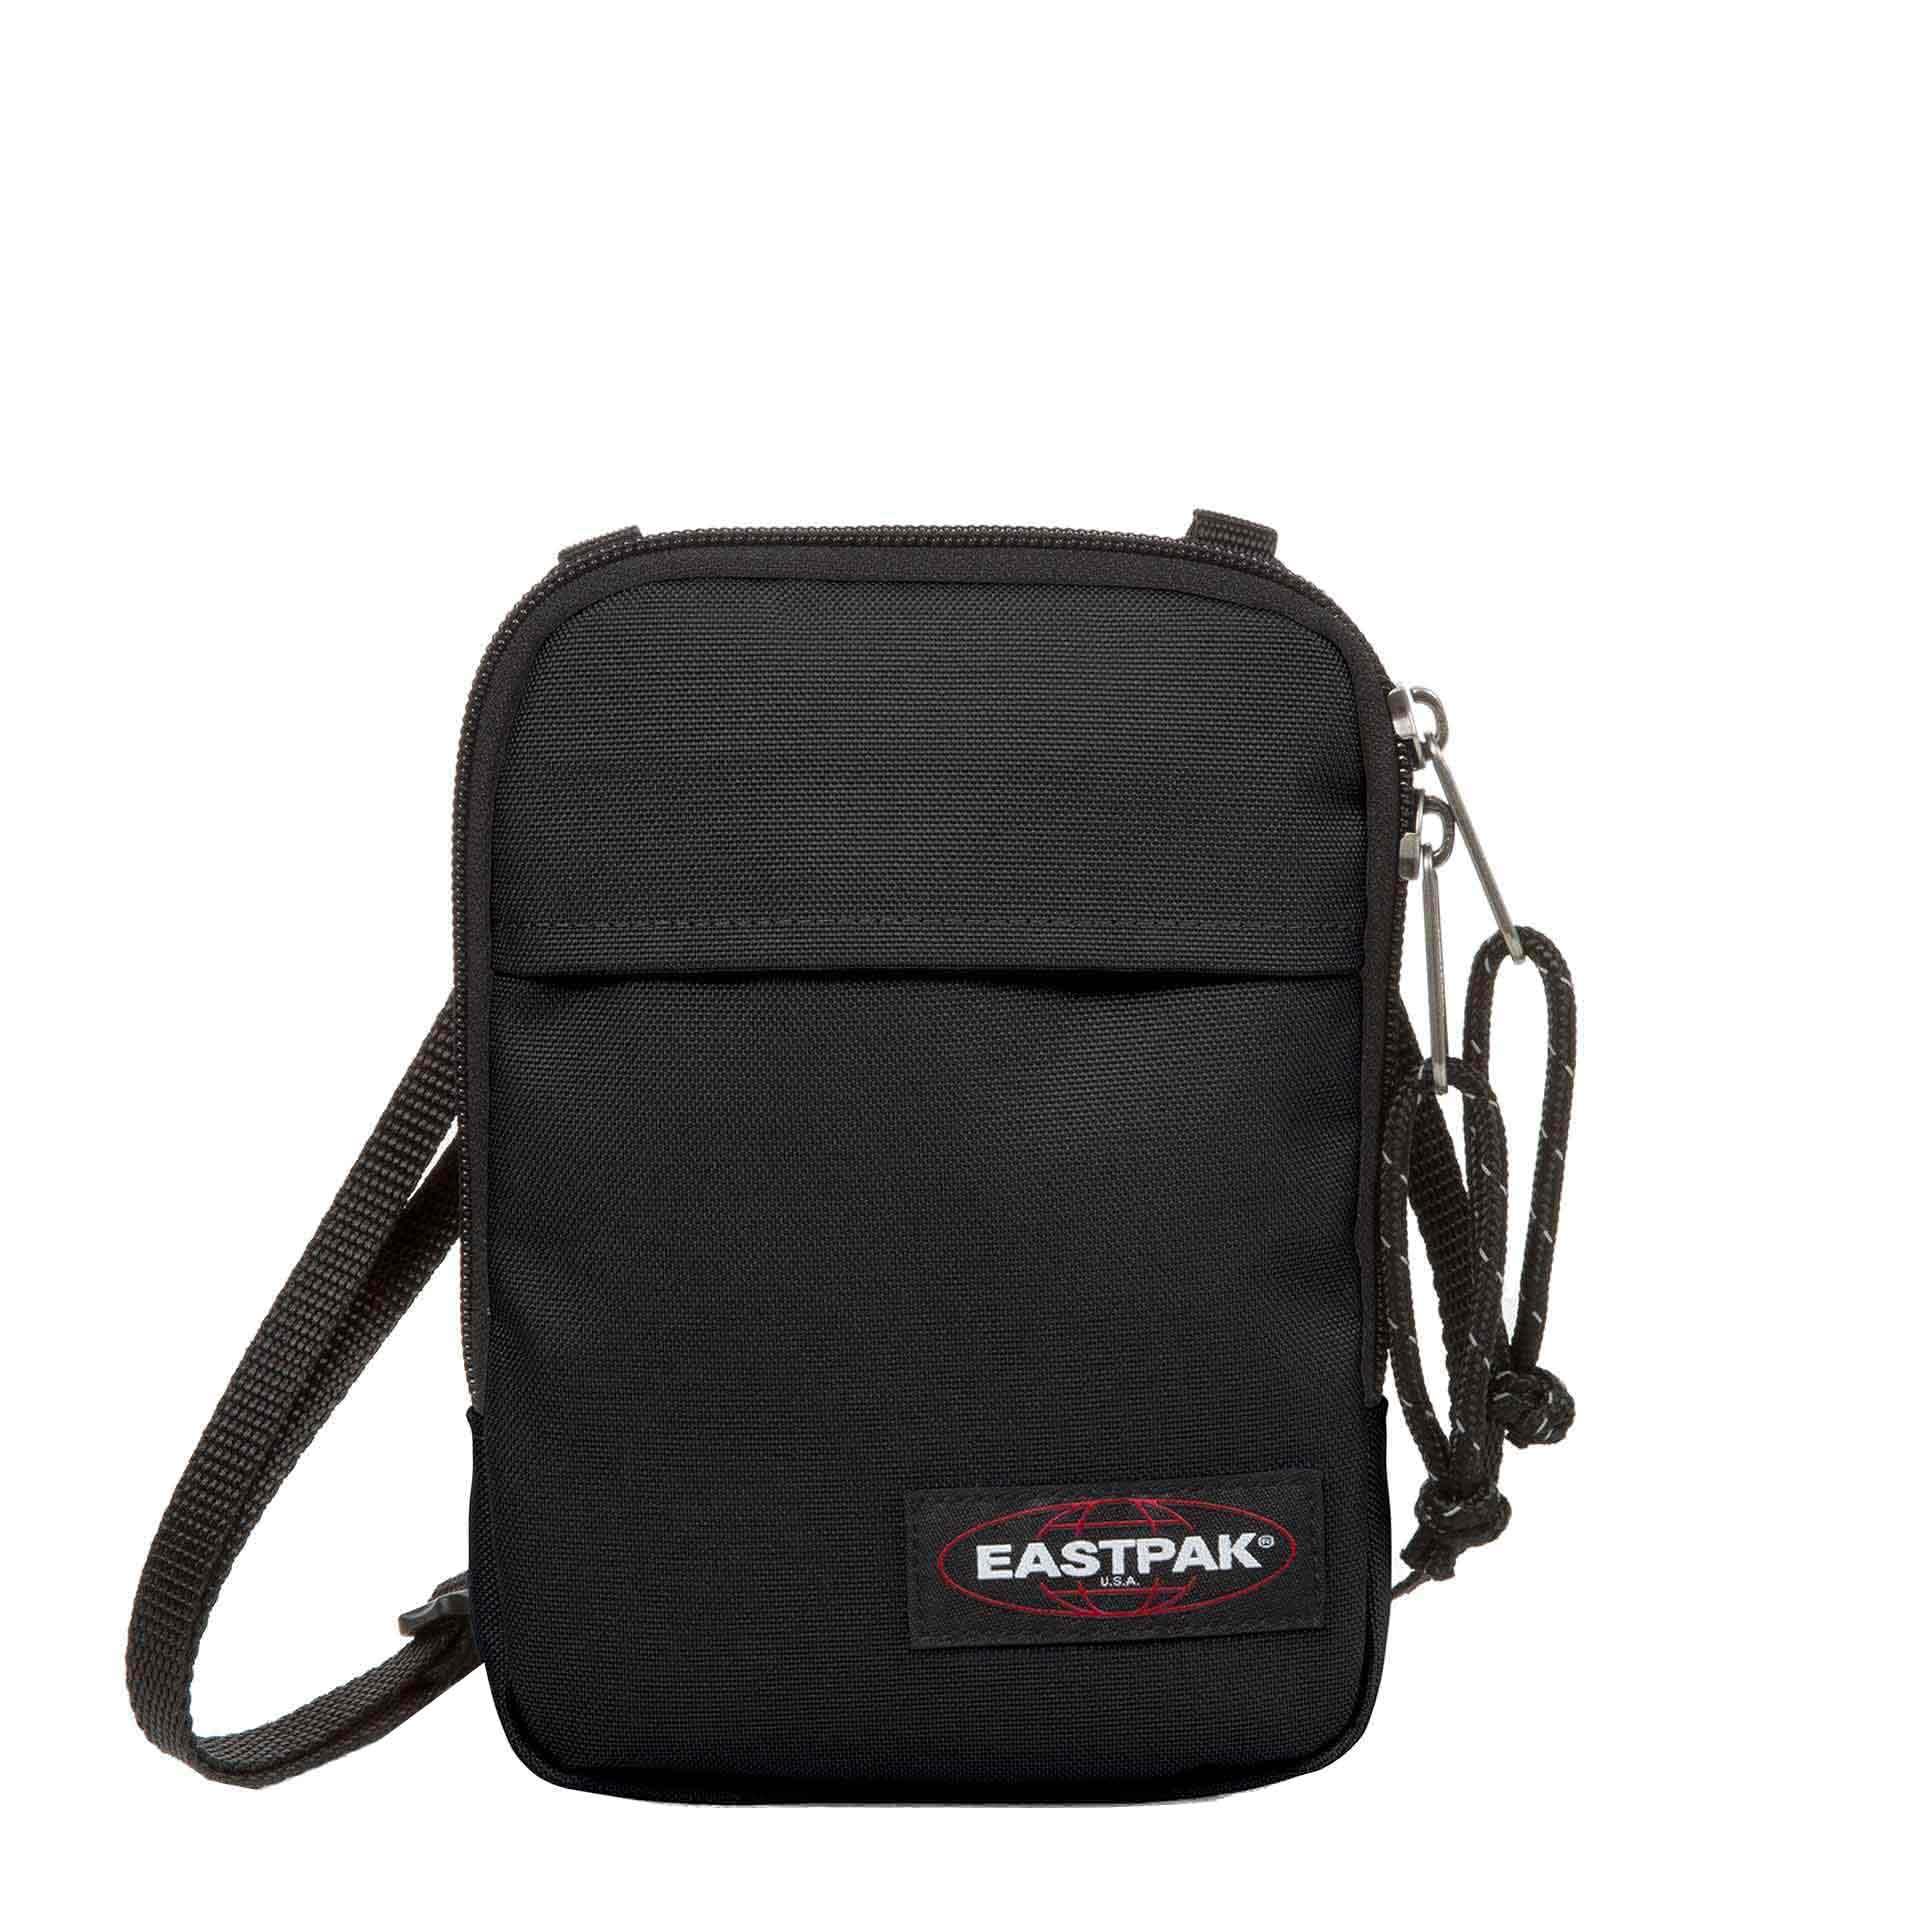 Eastpak Buddy Schultertasche / Handytasche black